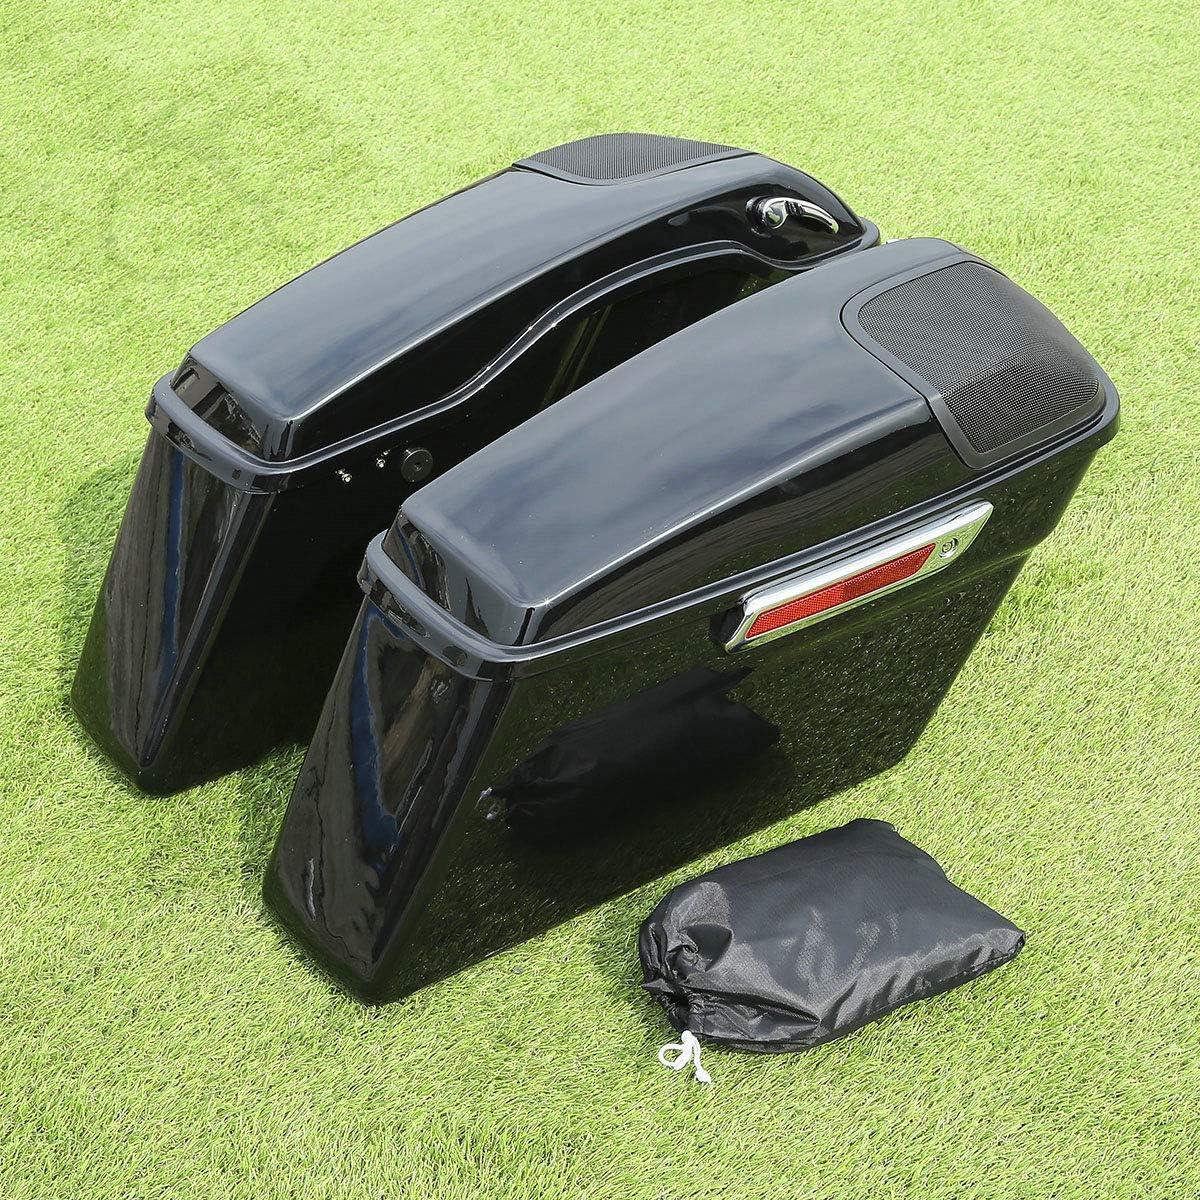 TCMT Hard Limited time sale Saddlebag W 5 x Max 89% OFF 7